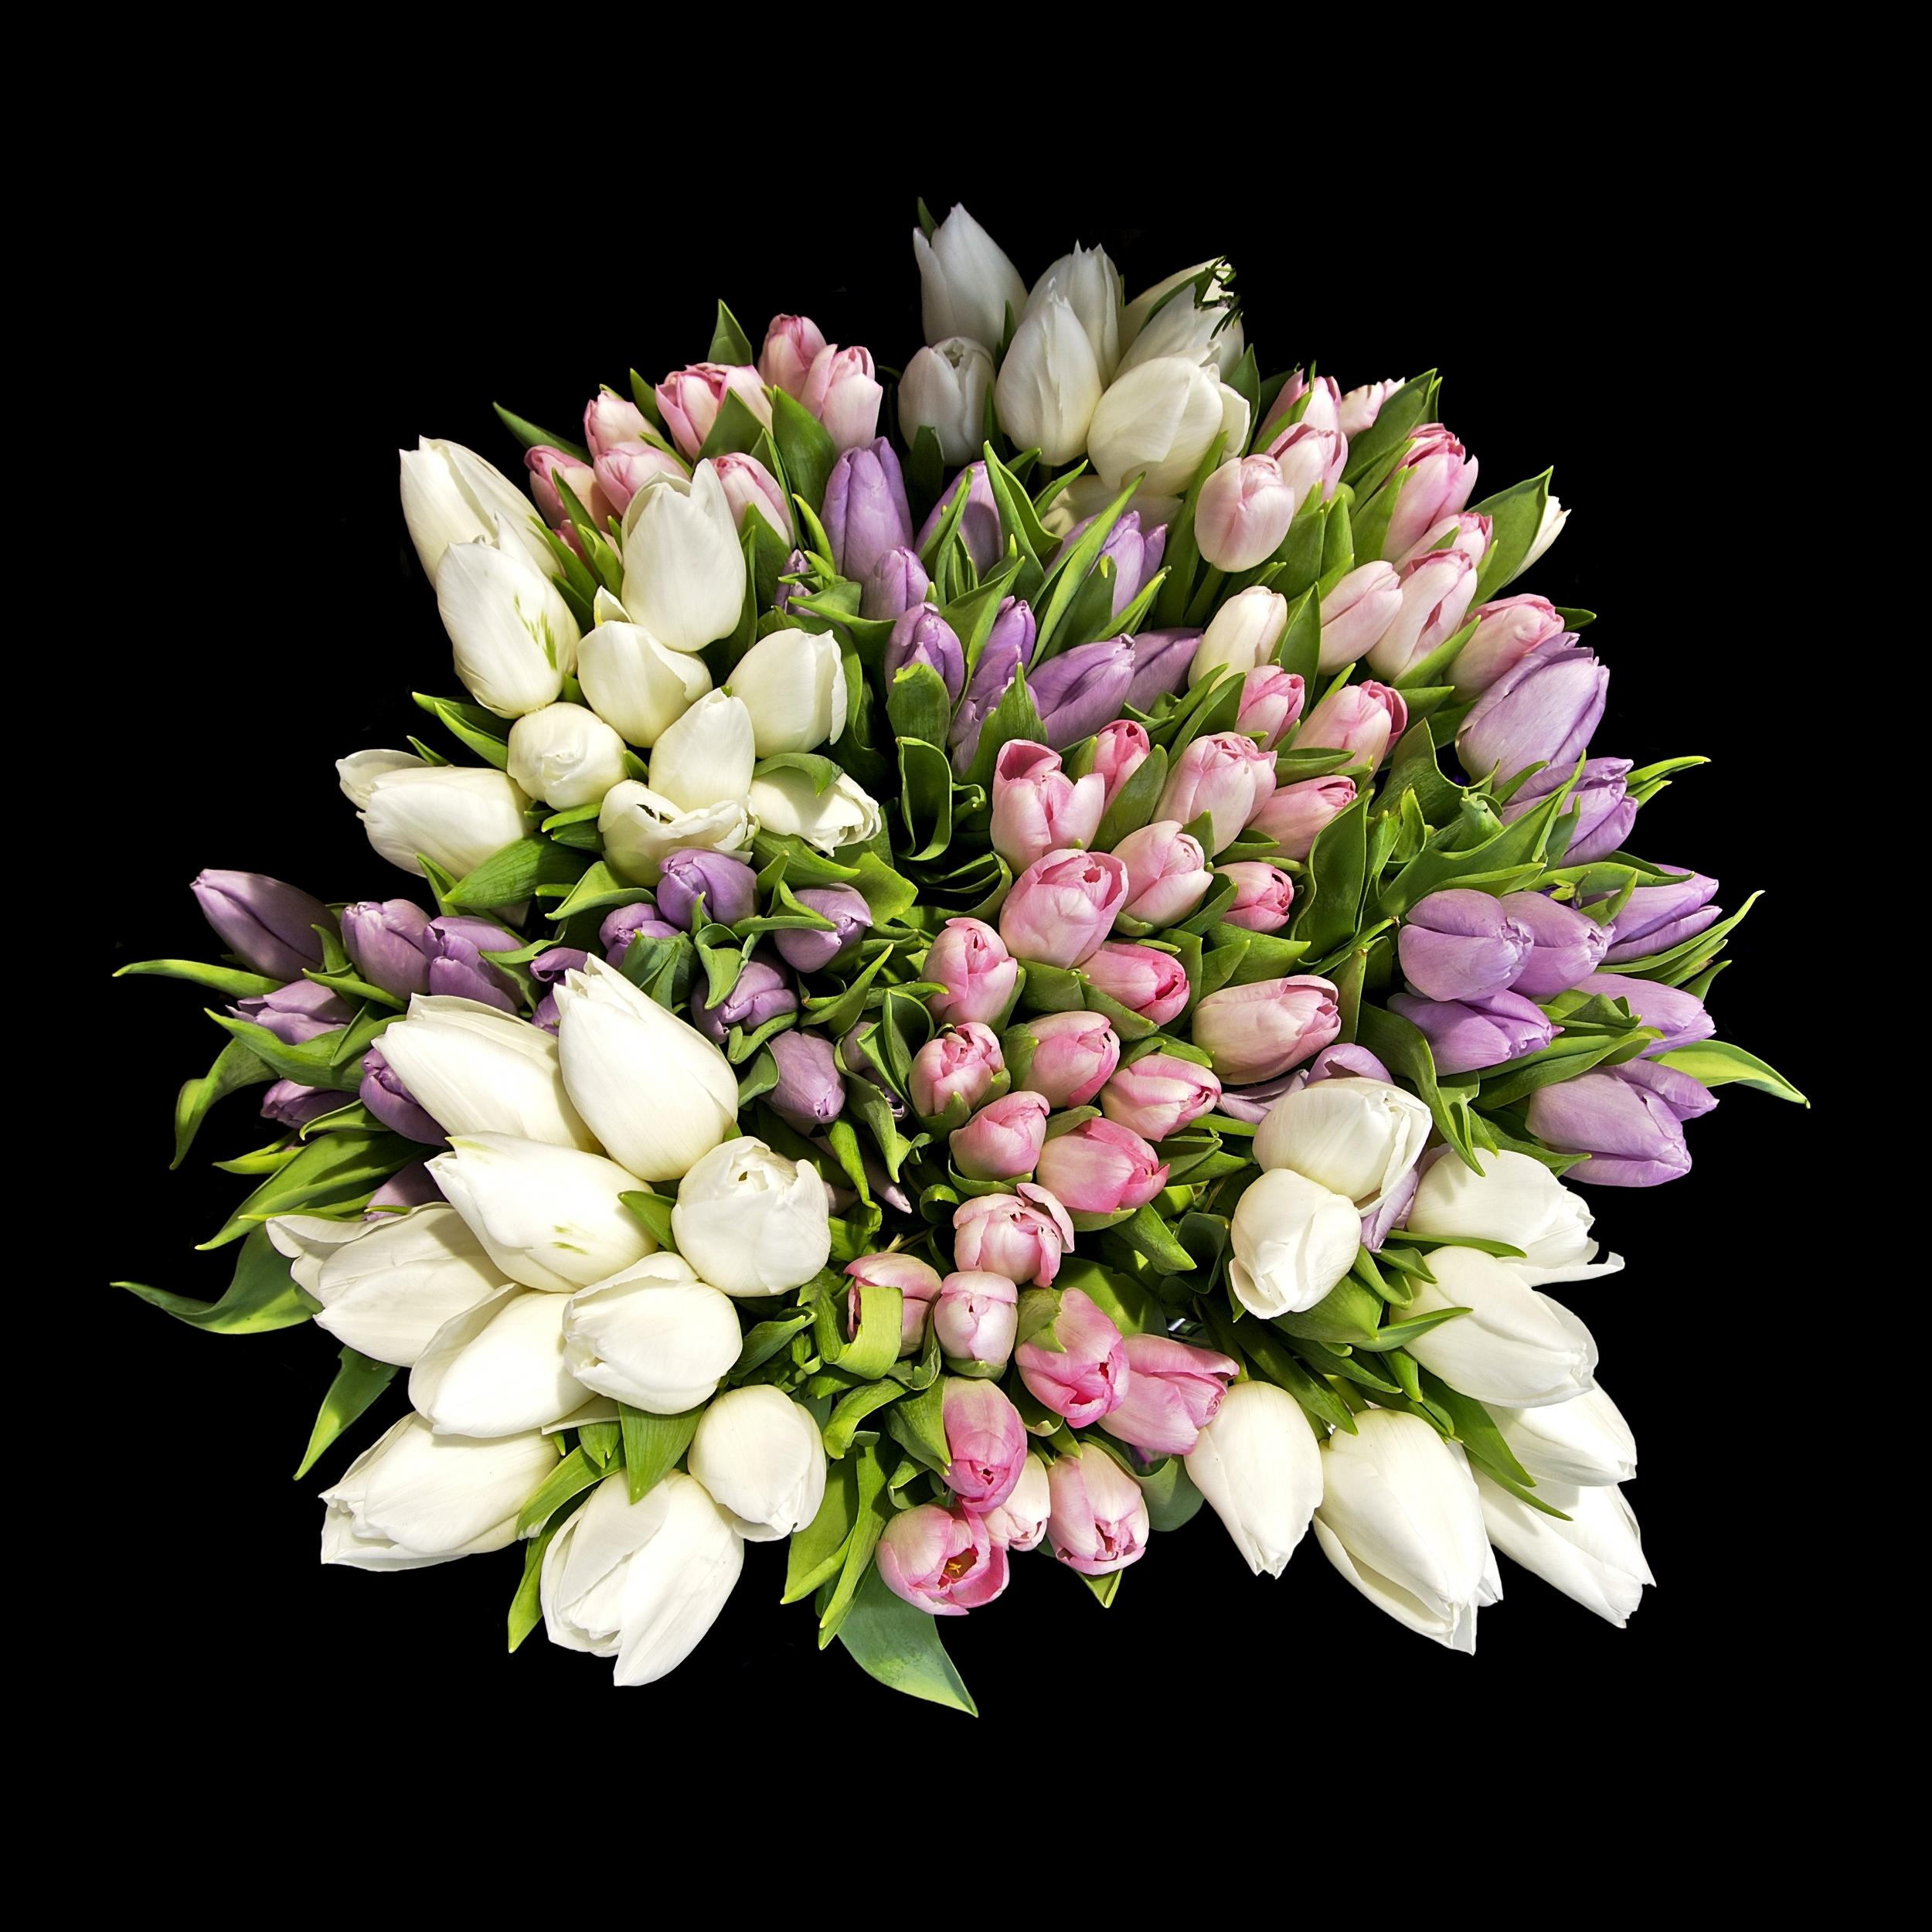 tulips for wedding